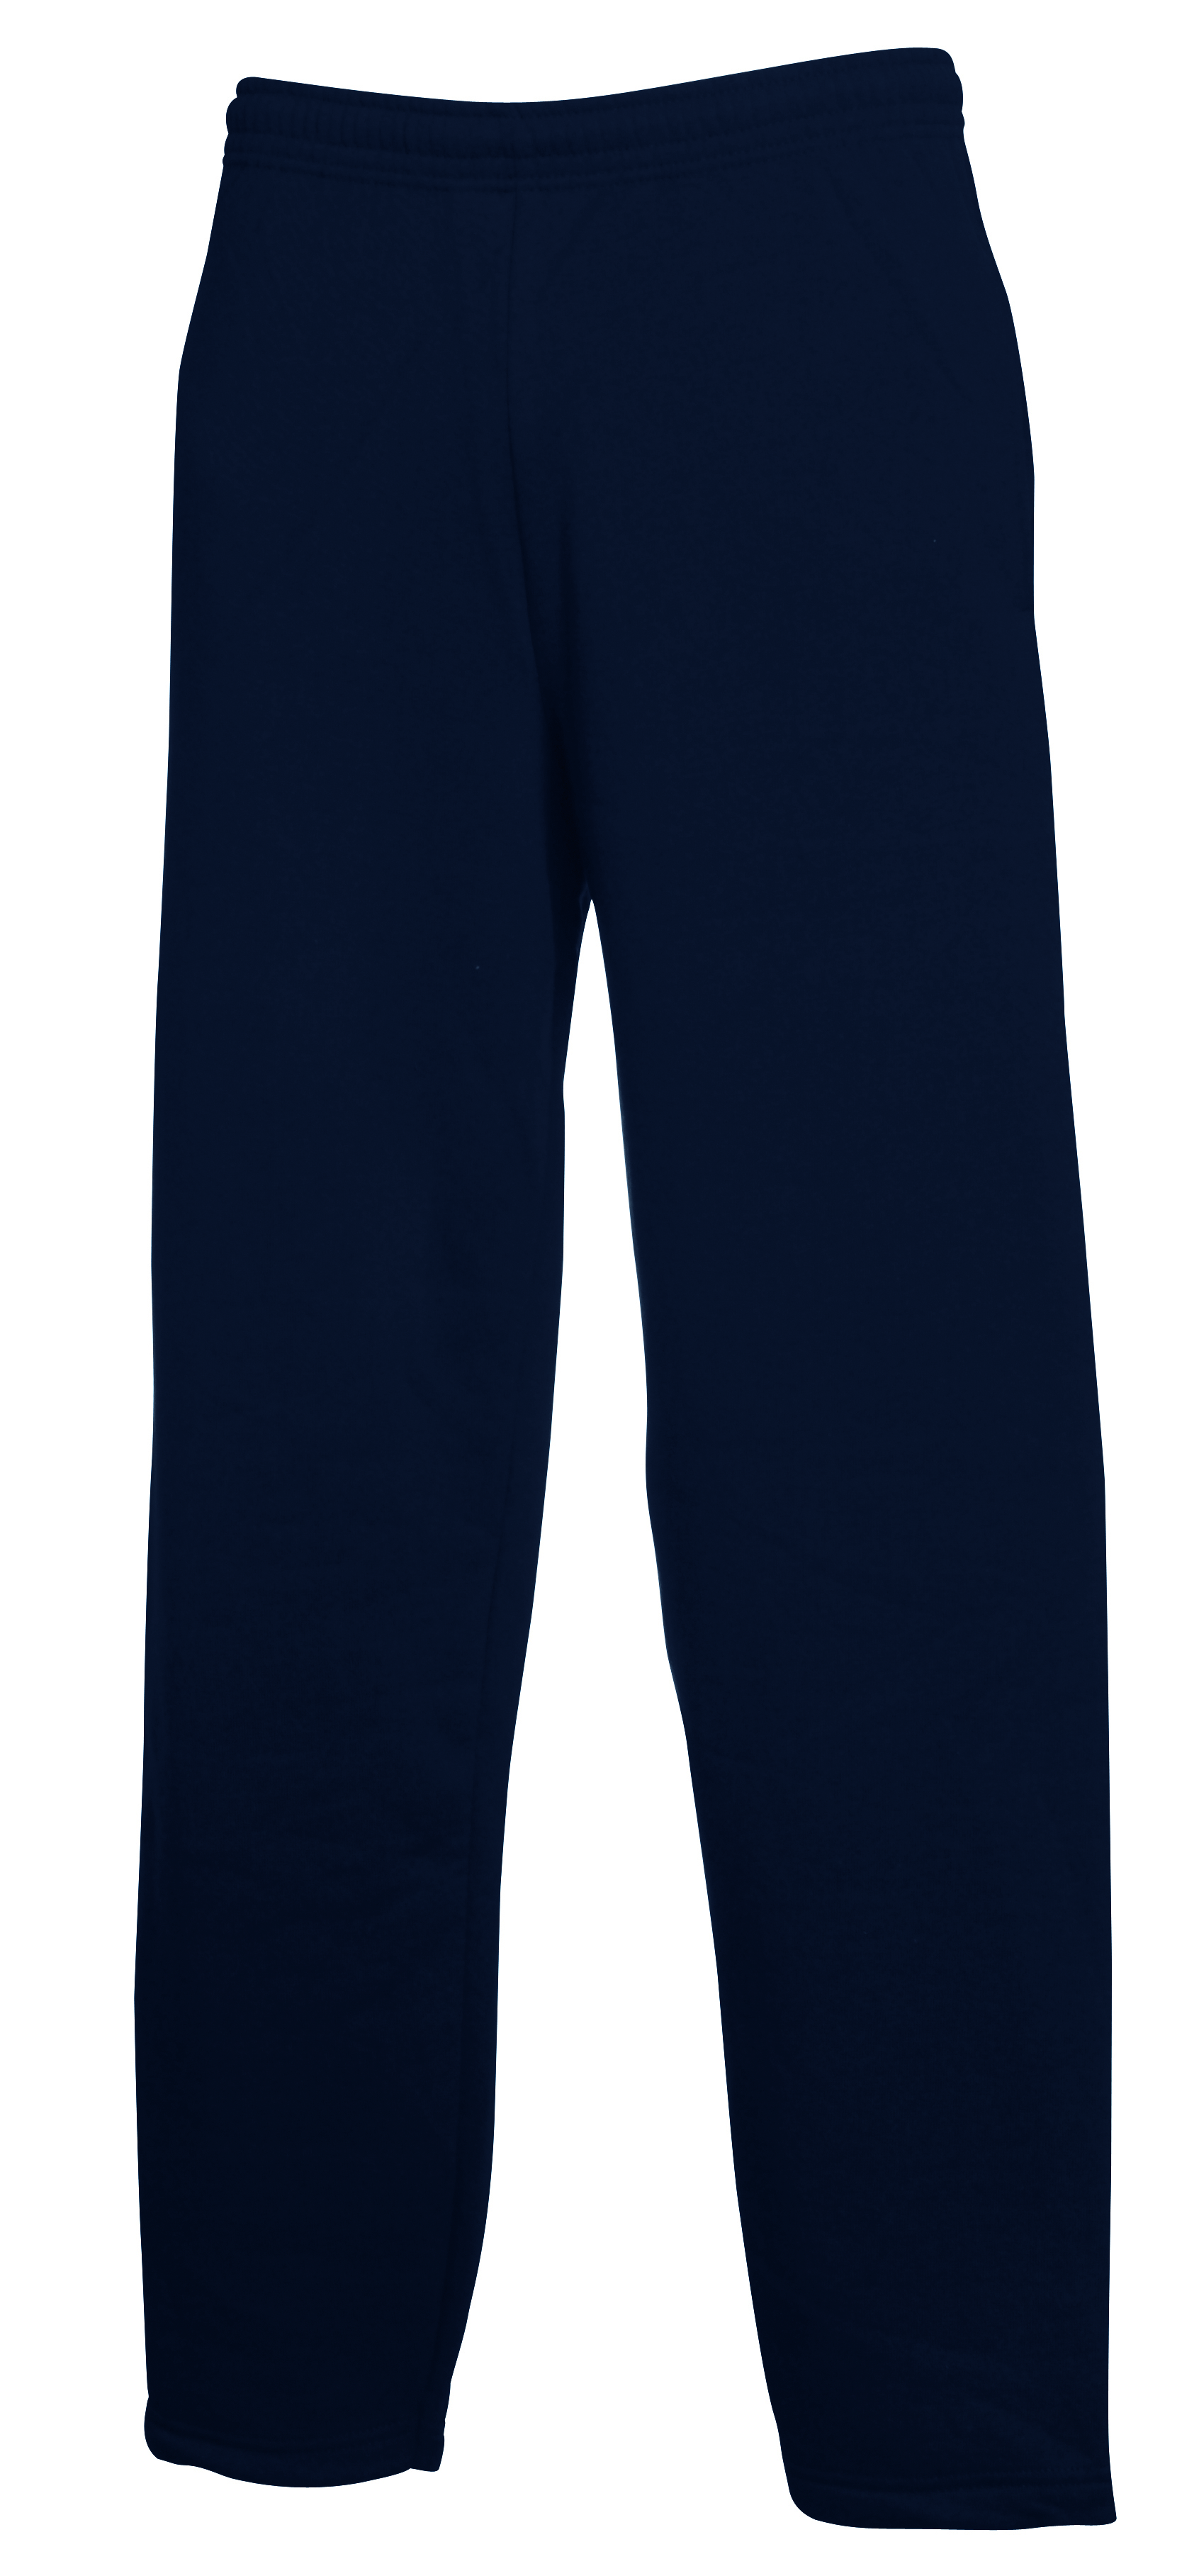 Open Hem Pants - Deep Navy - XL